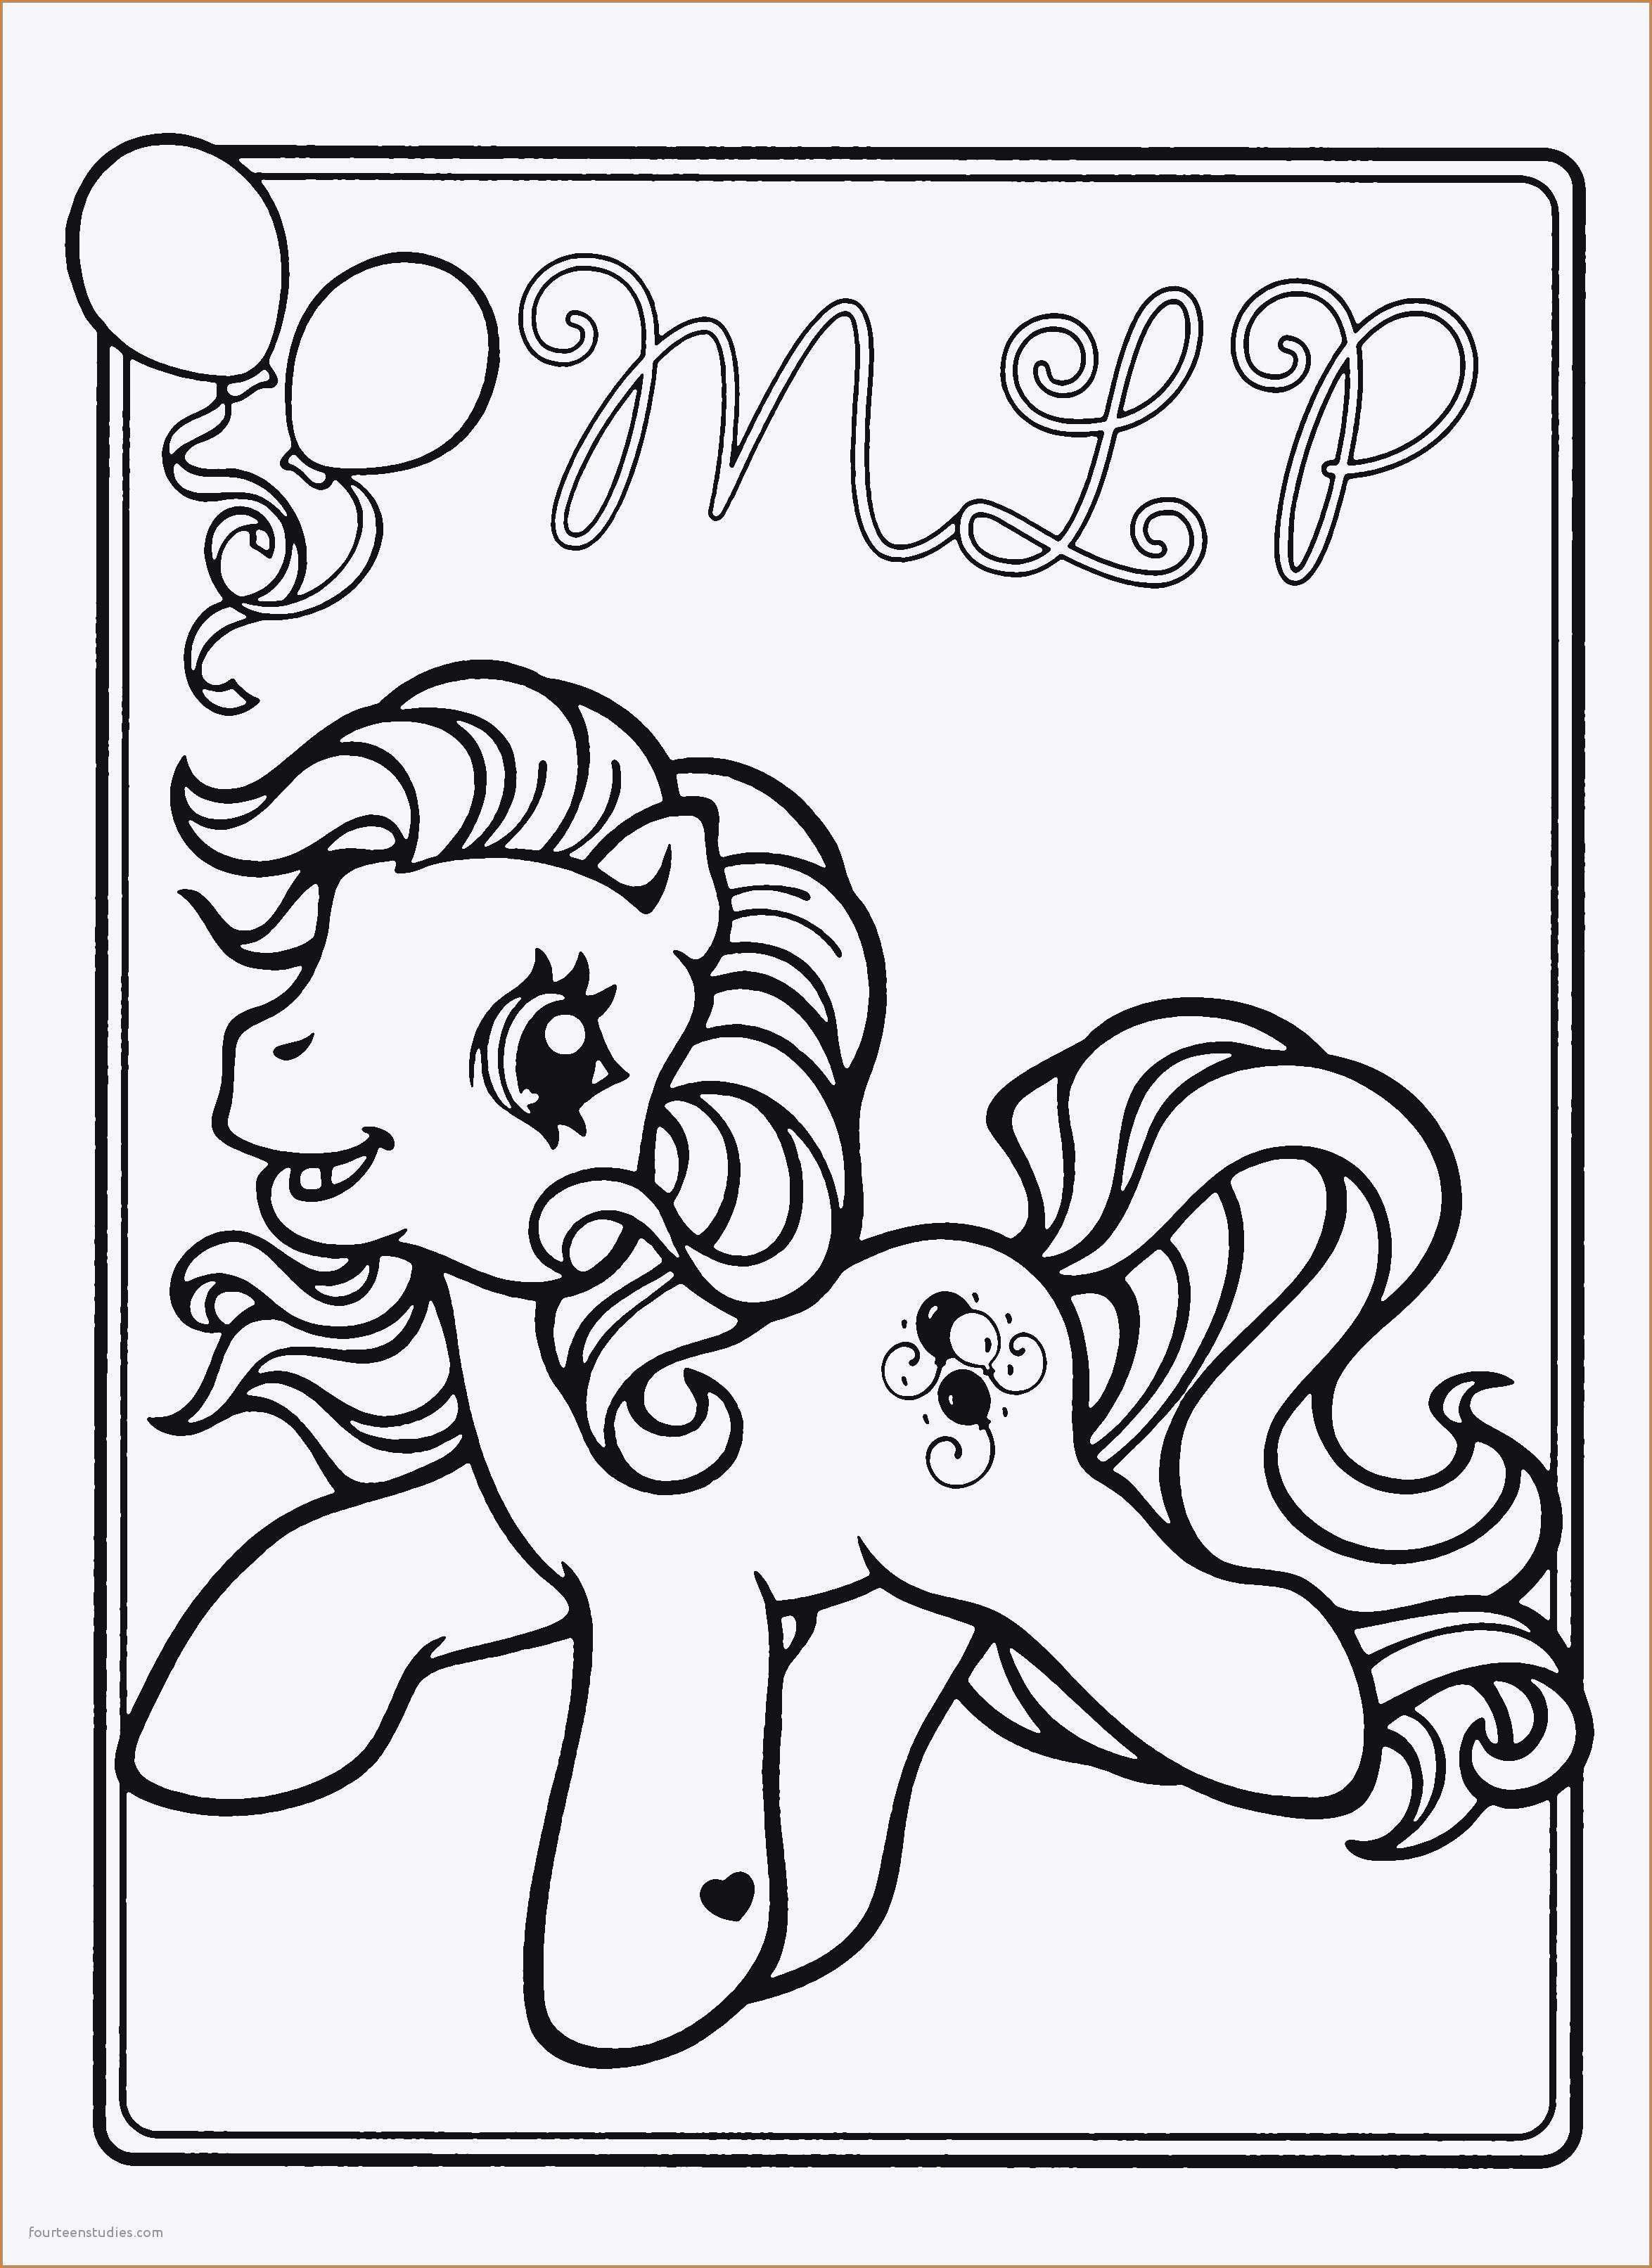 Equestria Girls Ausmalbilder Inspirierend Herunterladbare Malvorlagen Reizvolle 35 Ausmalbilder My Little Pony Stock